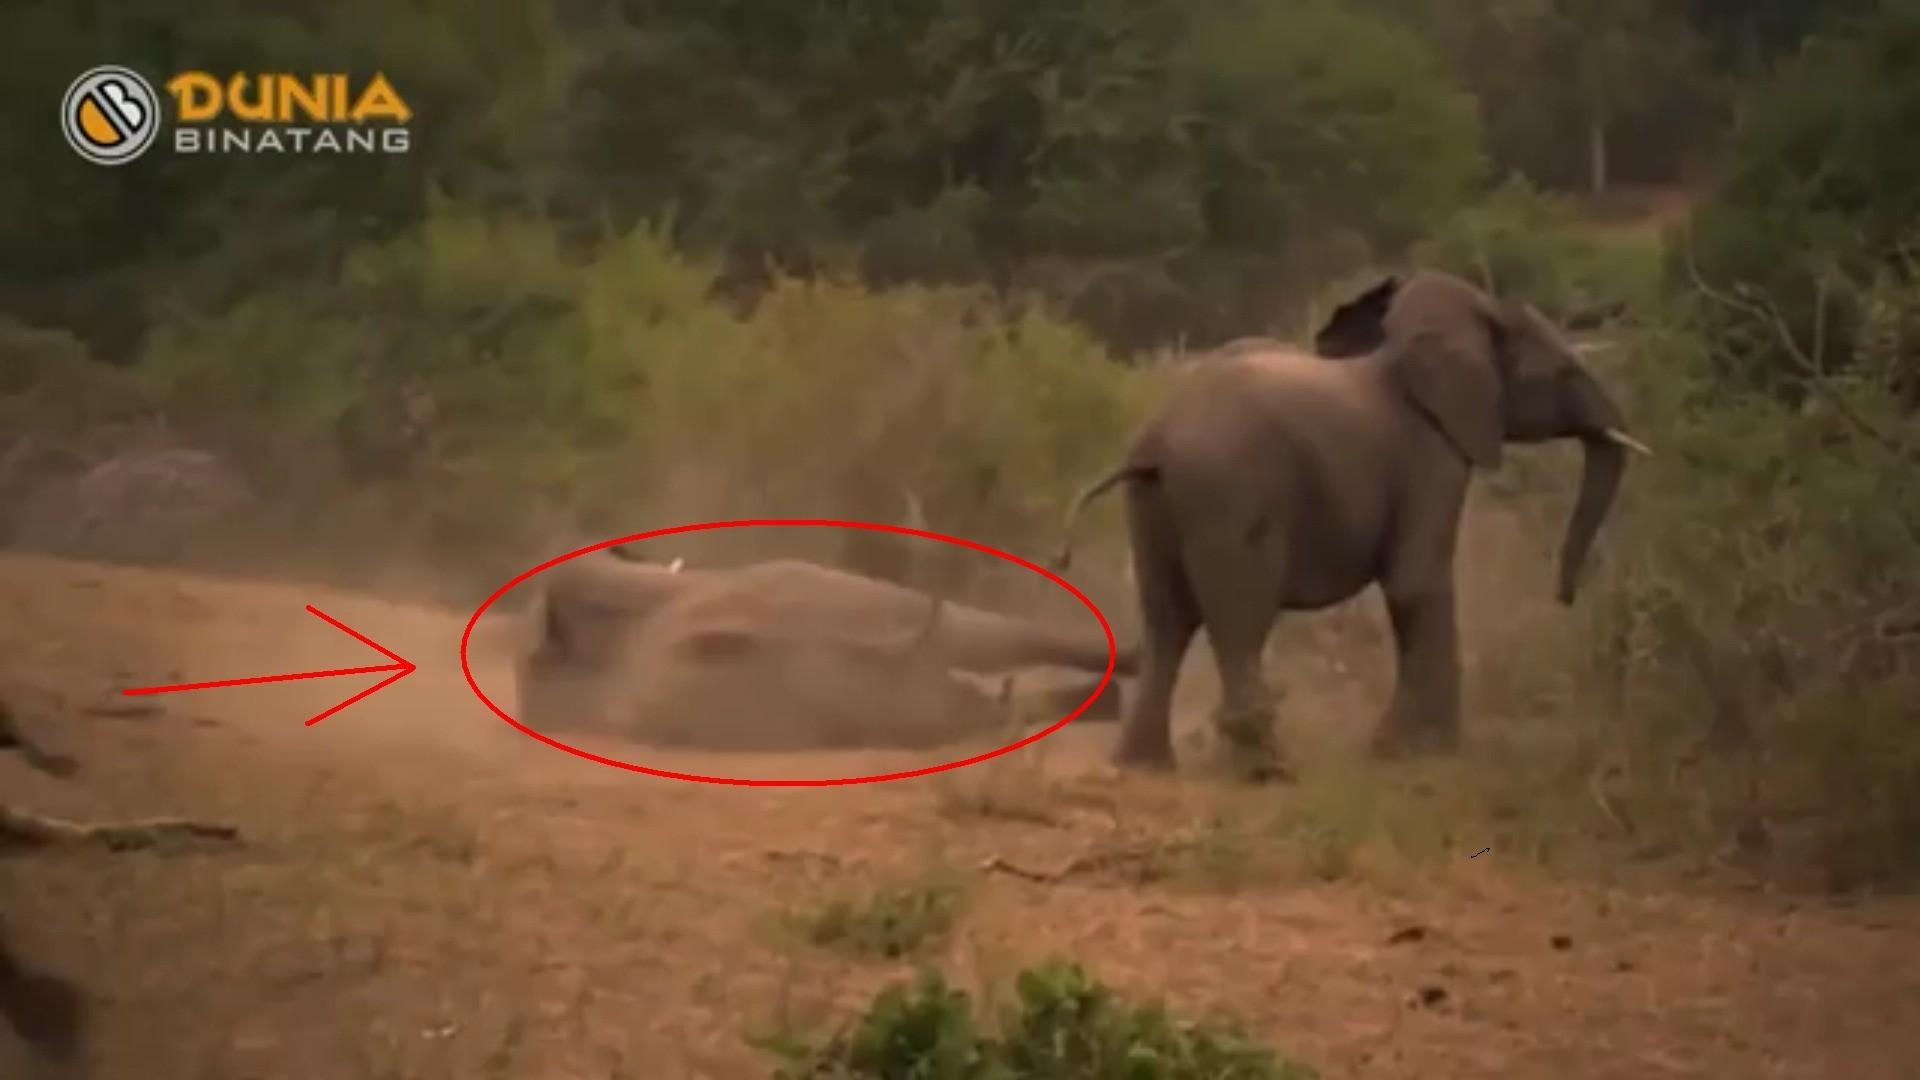 Lucu Ban Adegan Gajah Kawin Tapi Gagal Yang Bikin Ngakak Wkwkw